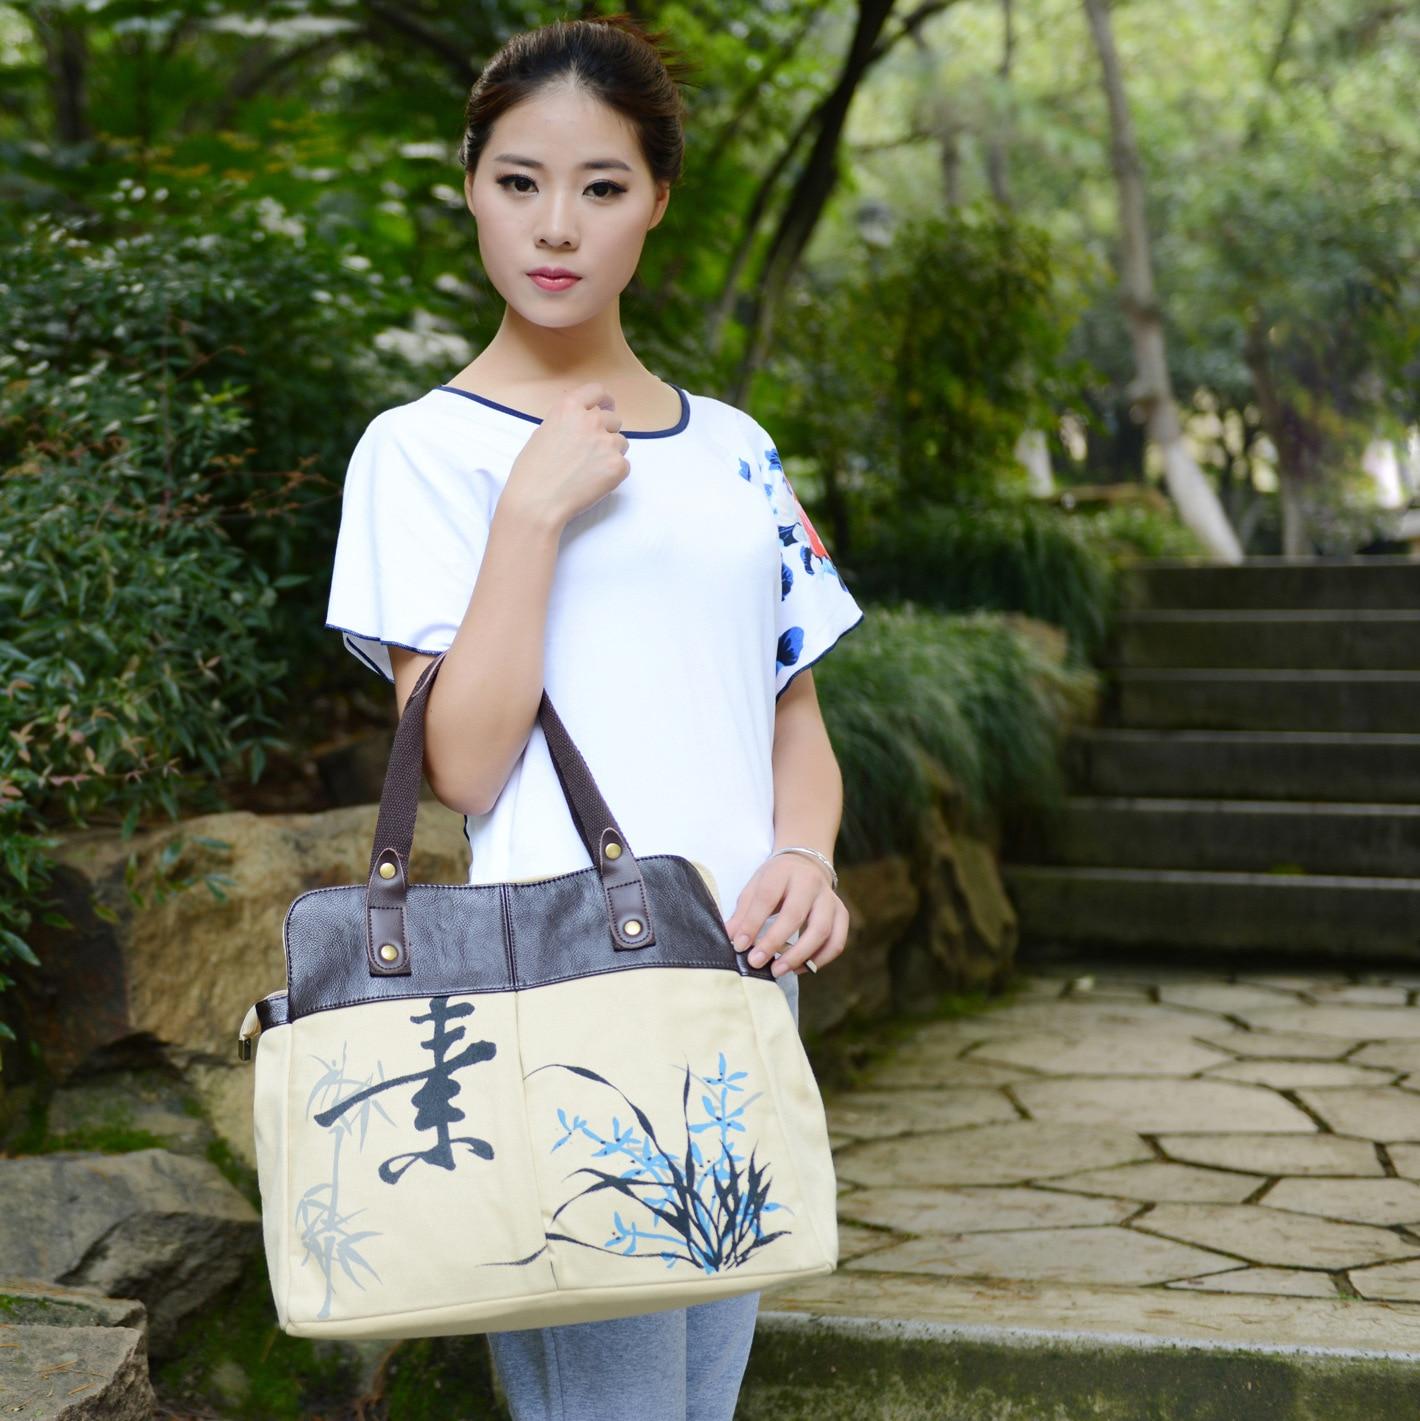 2018 новые ретро женские сумки холст цветок сумка Женщины сумки модные плечо сумка через плечо bolsa feminina